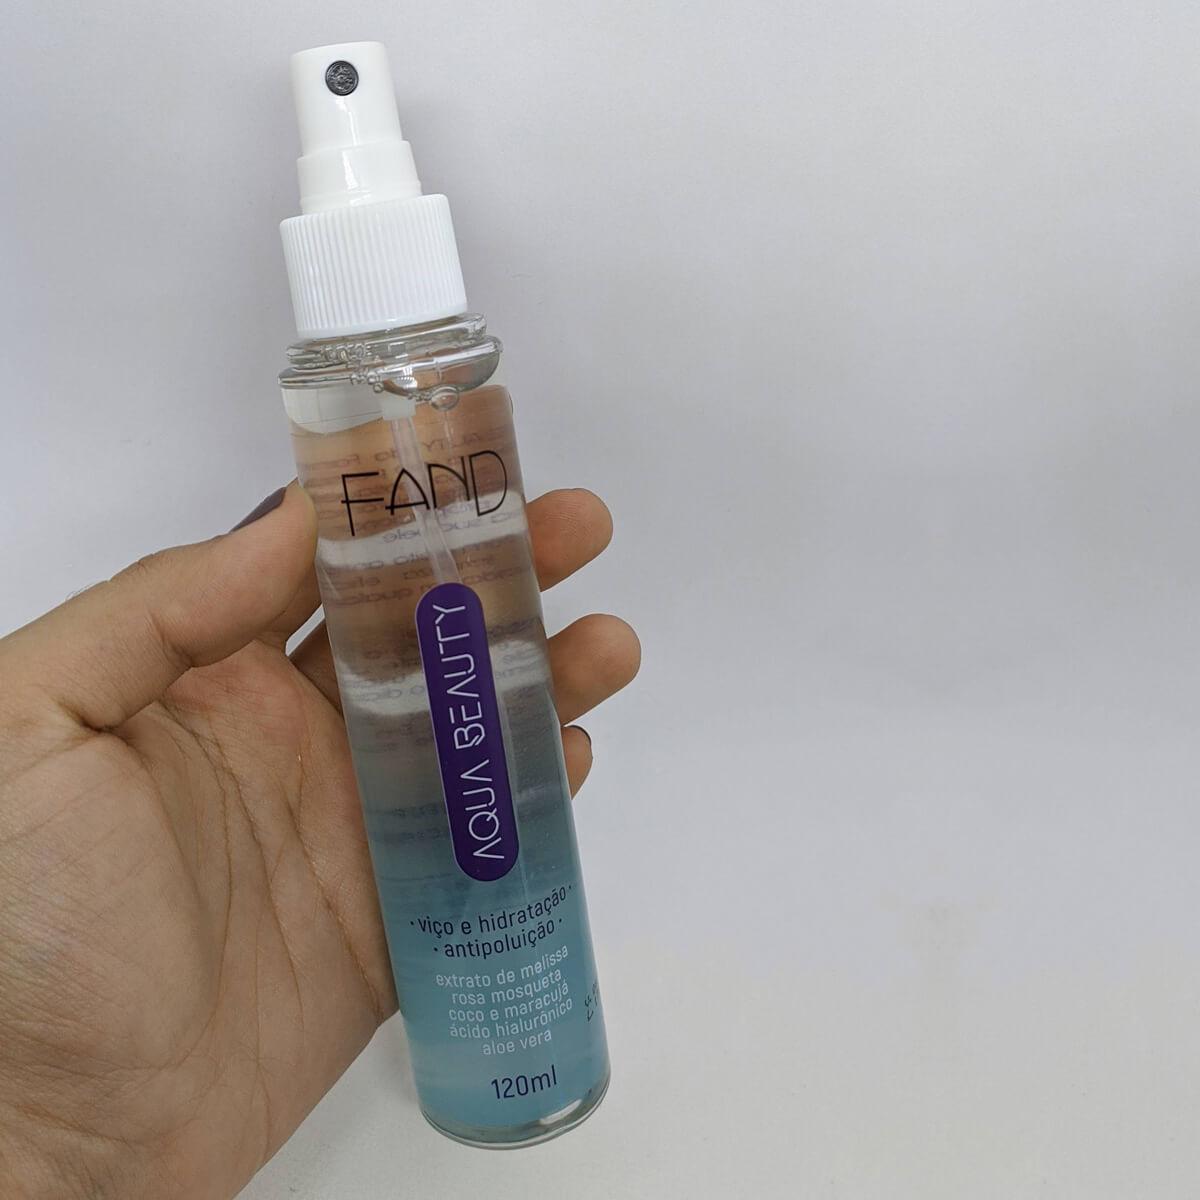 Bruma Aqua Beauty Fand Makeup 120ml - Antipoluição e Hidratação